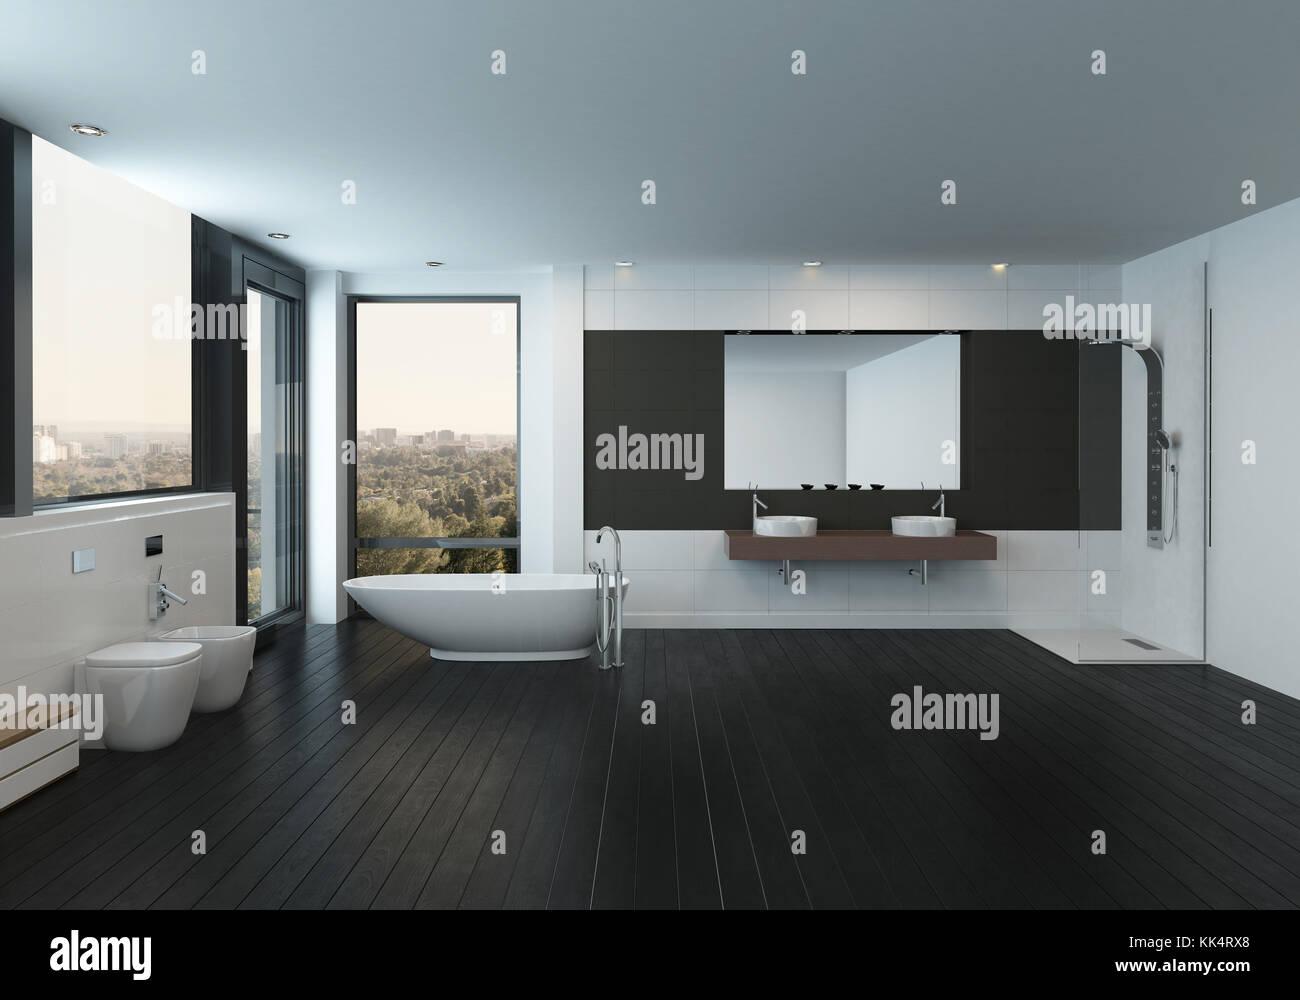 Moderno y espacioso cuarto de baño blanco y negro interior con un ...